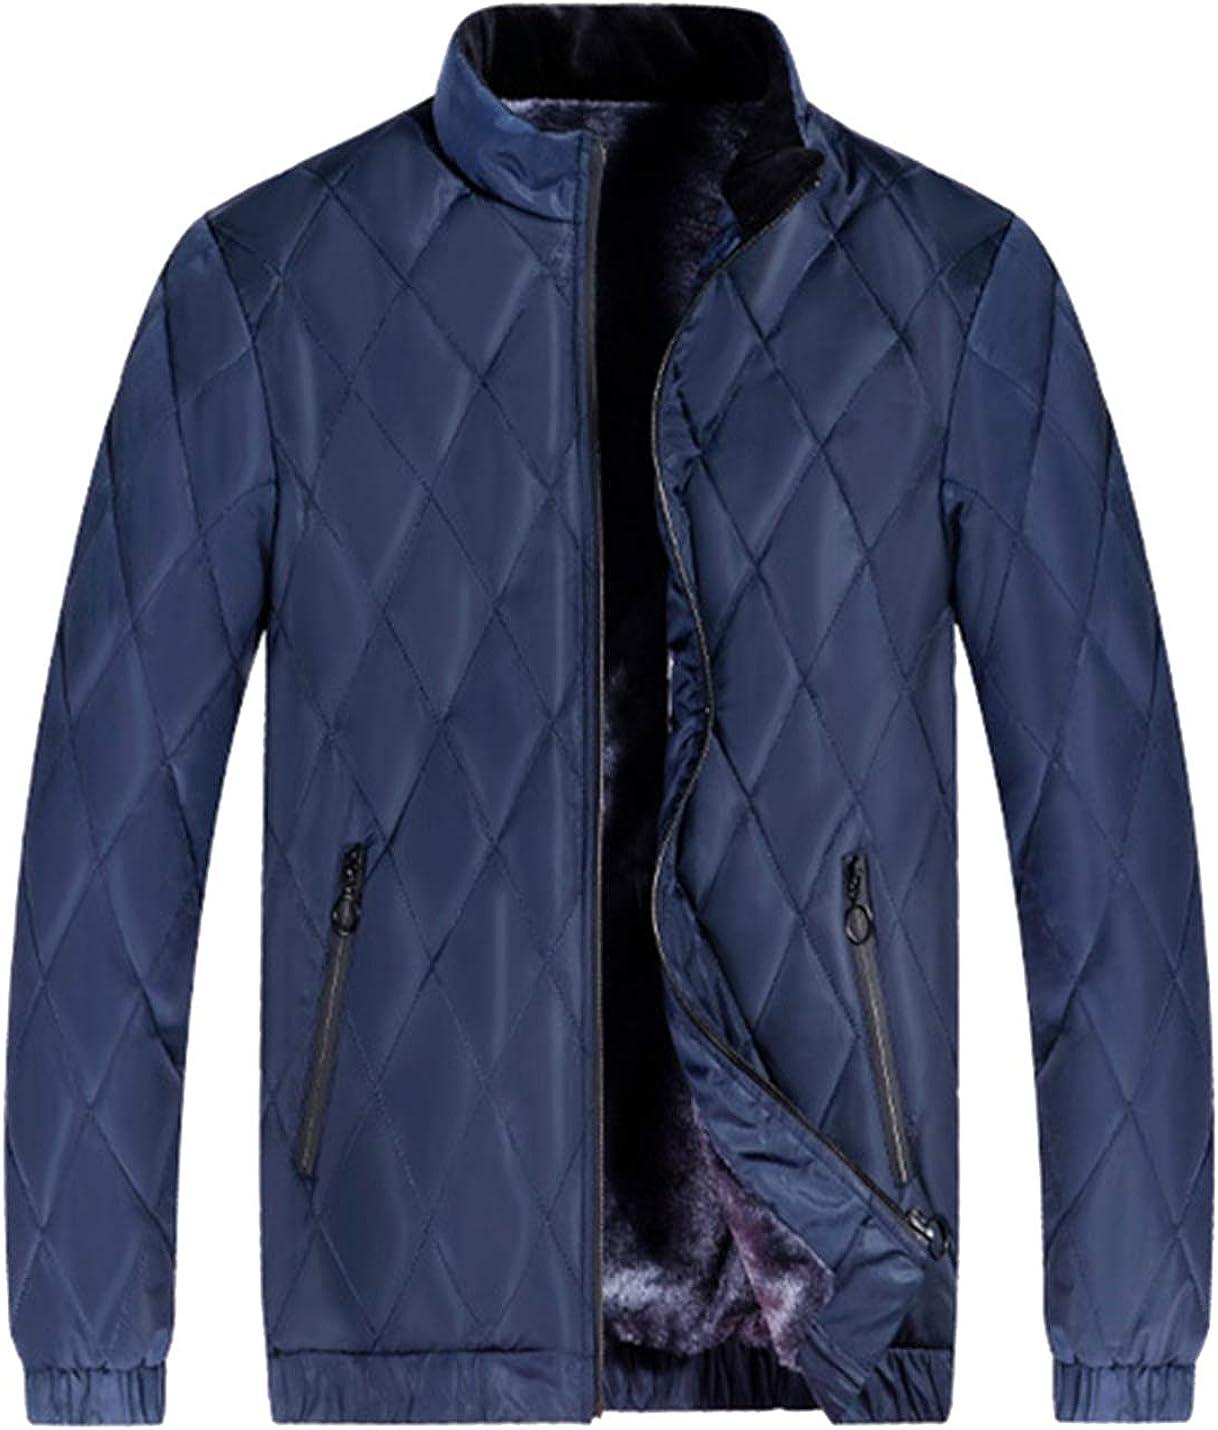 HaoMay Men's Comfy Full Zip Fleece Lined Winter Jacket Outwear